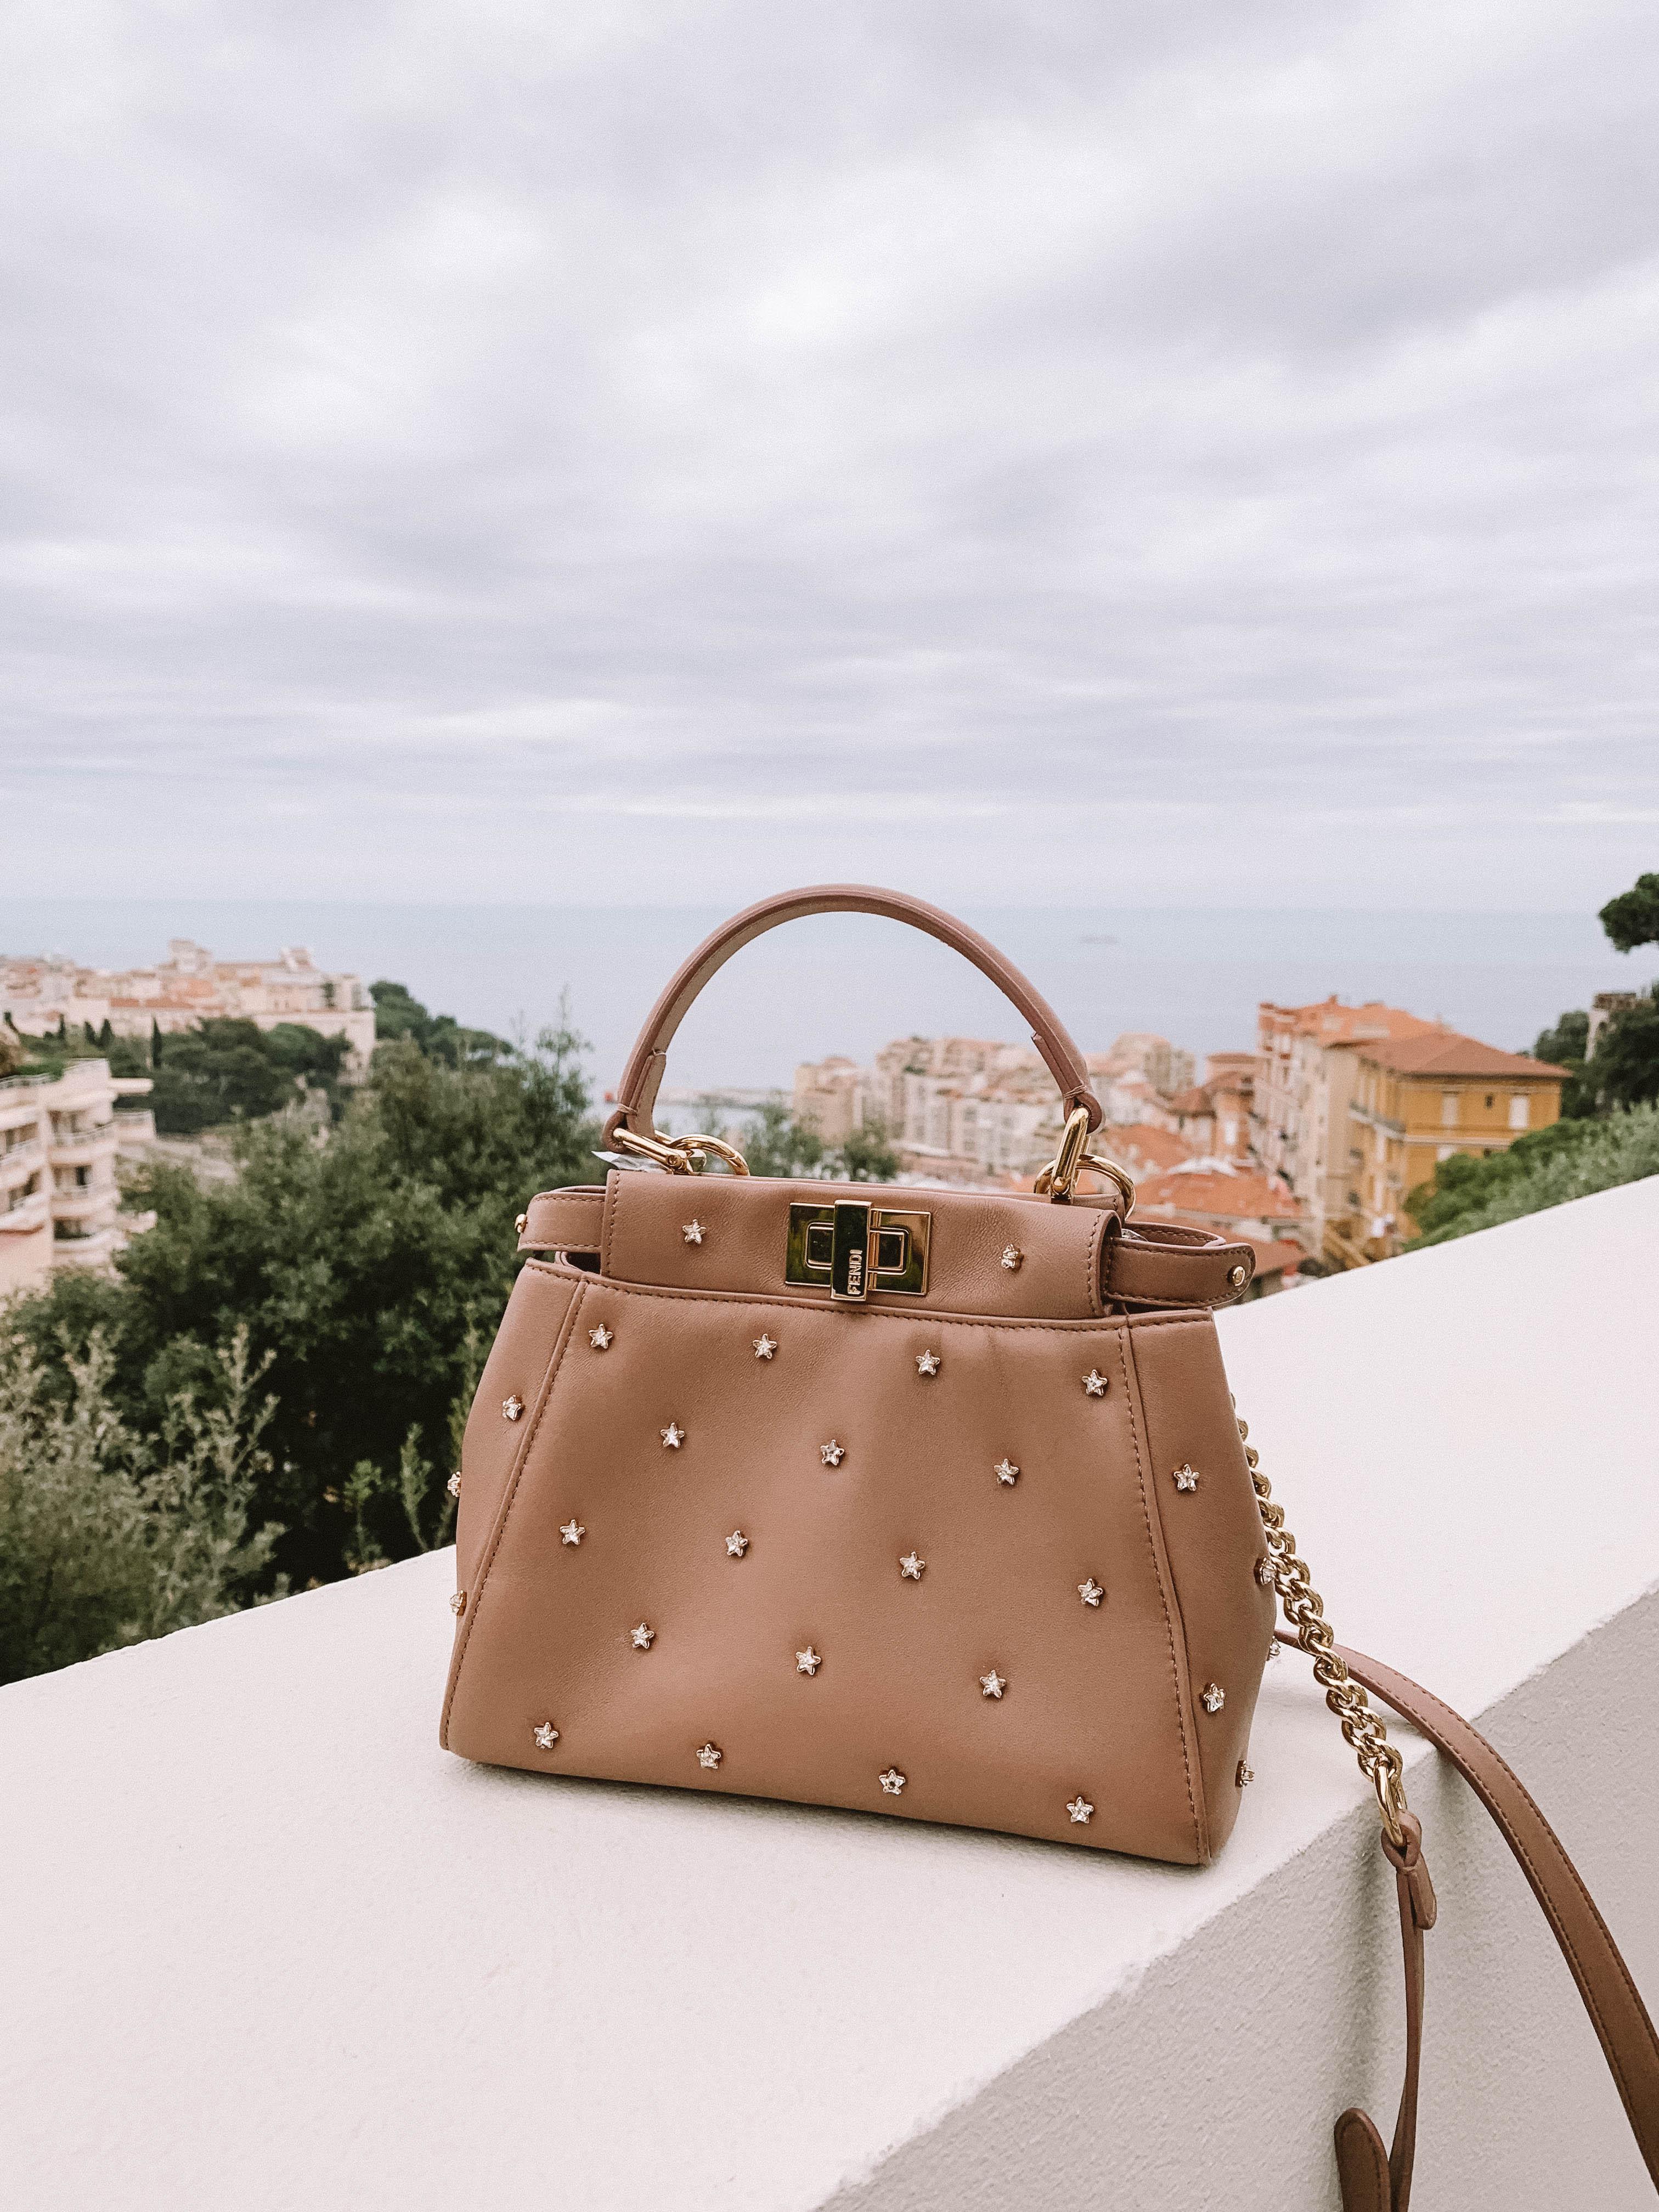 Fendi bag in Monaco